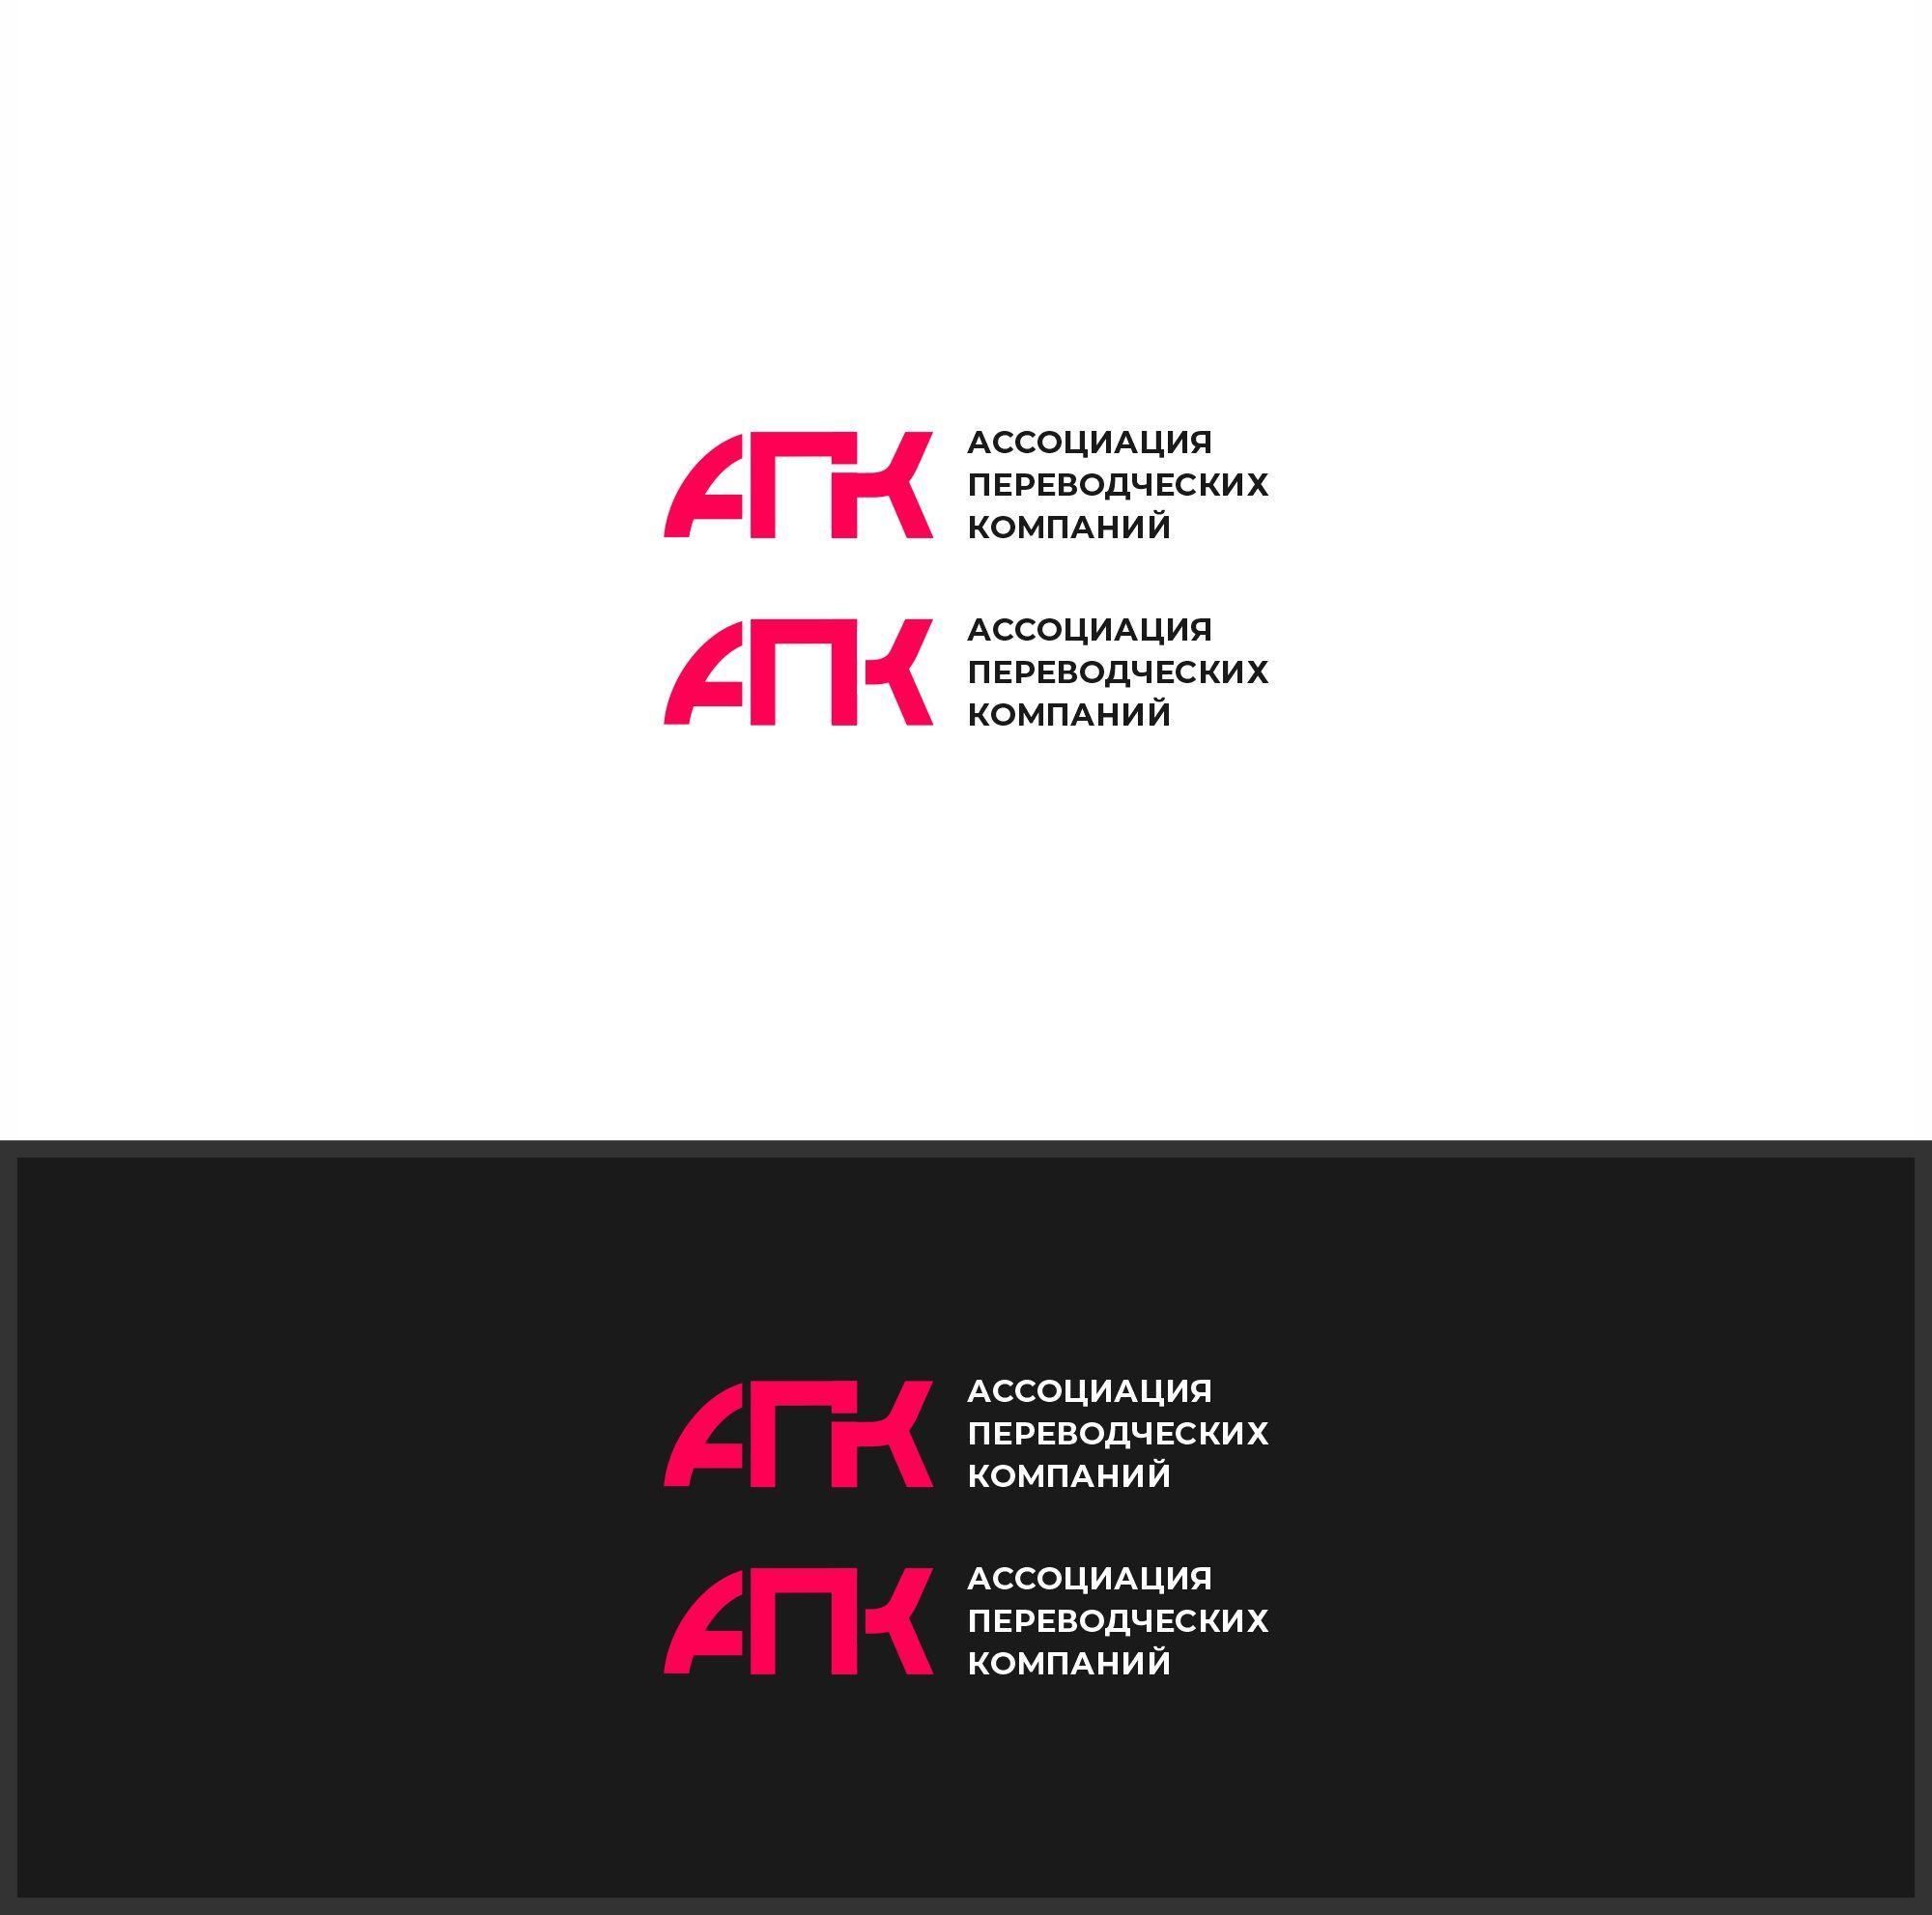 Иконка-логотип Ассоциация Переводческих Компаний - дизайнер serz4868